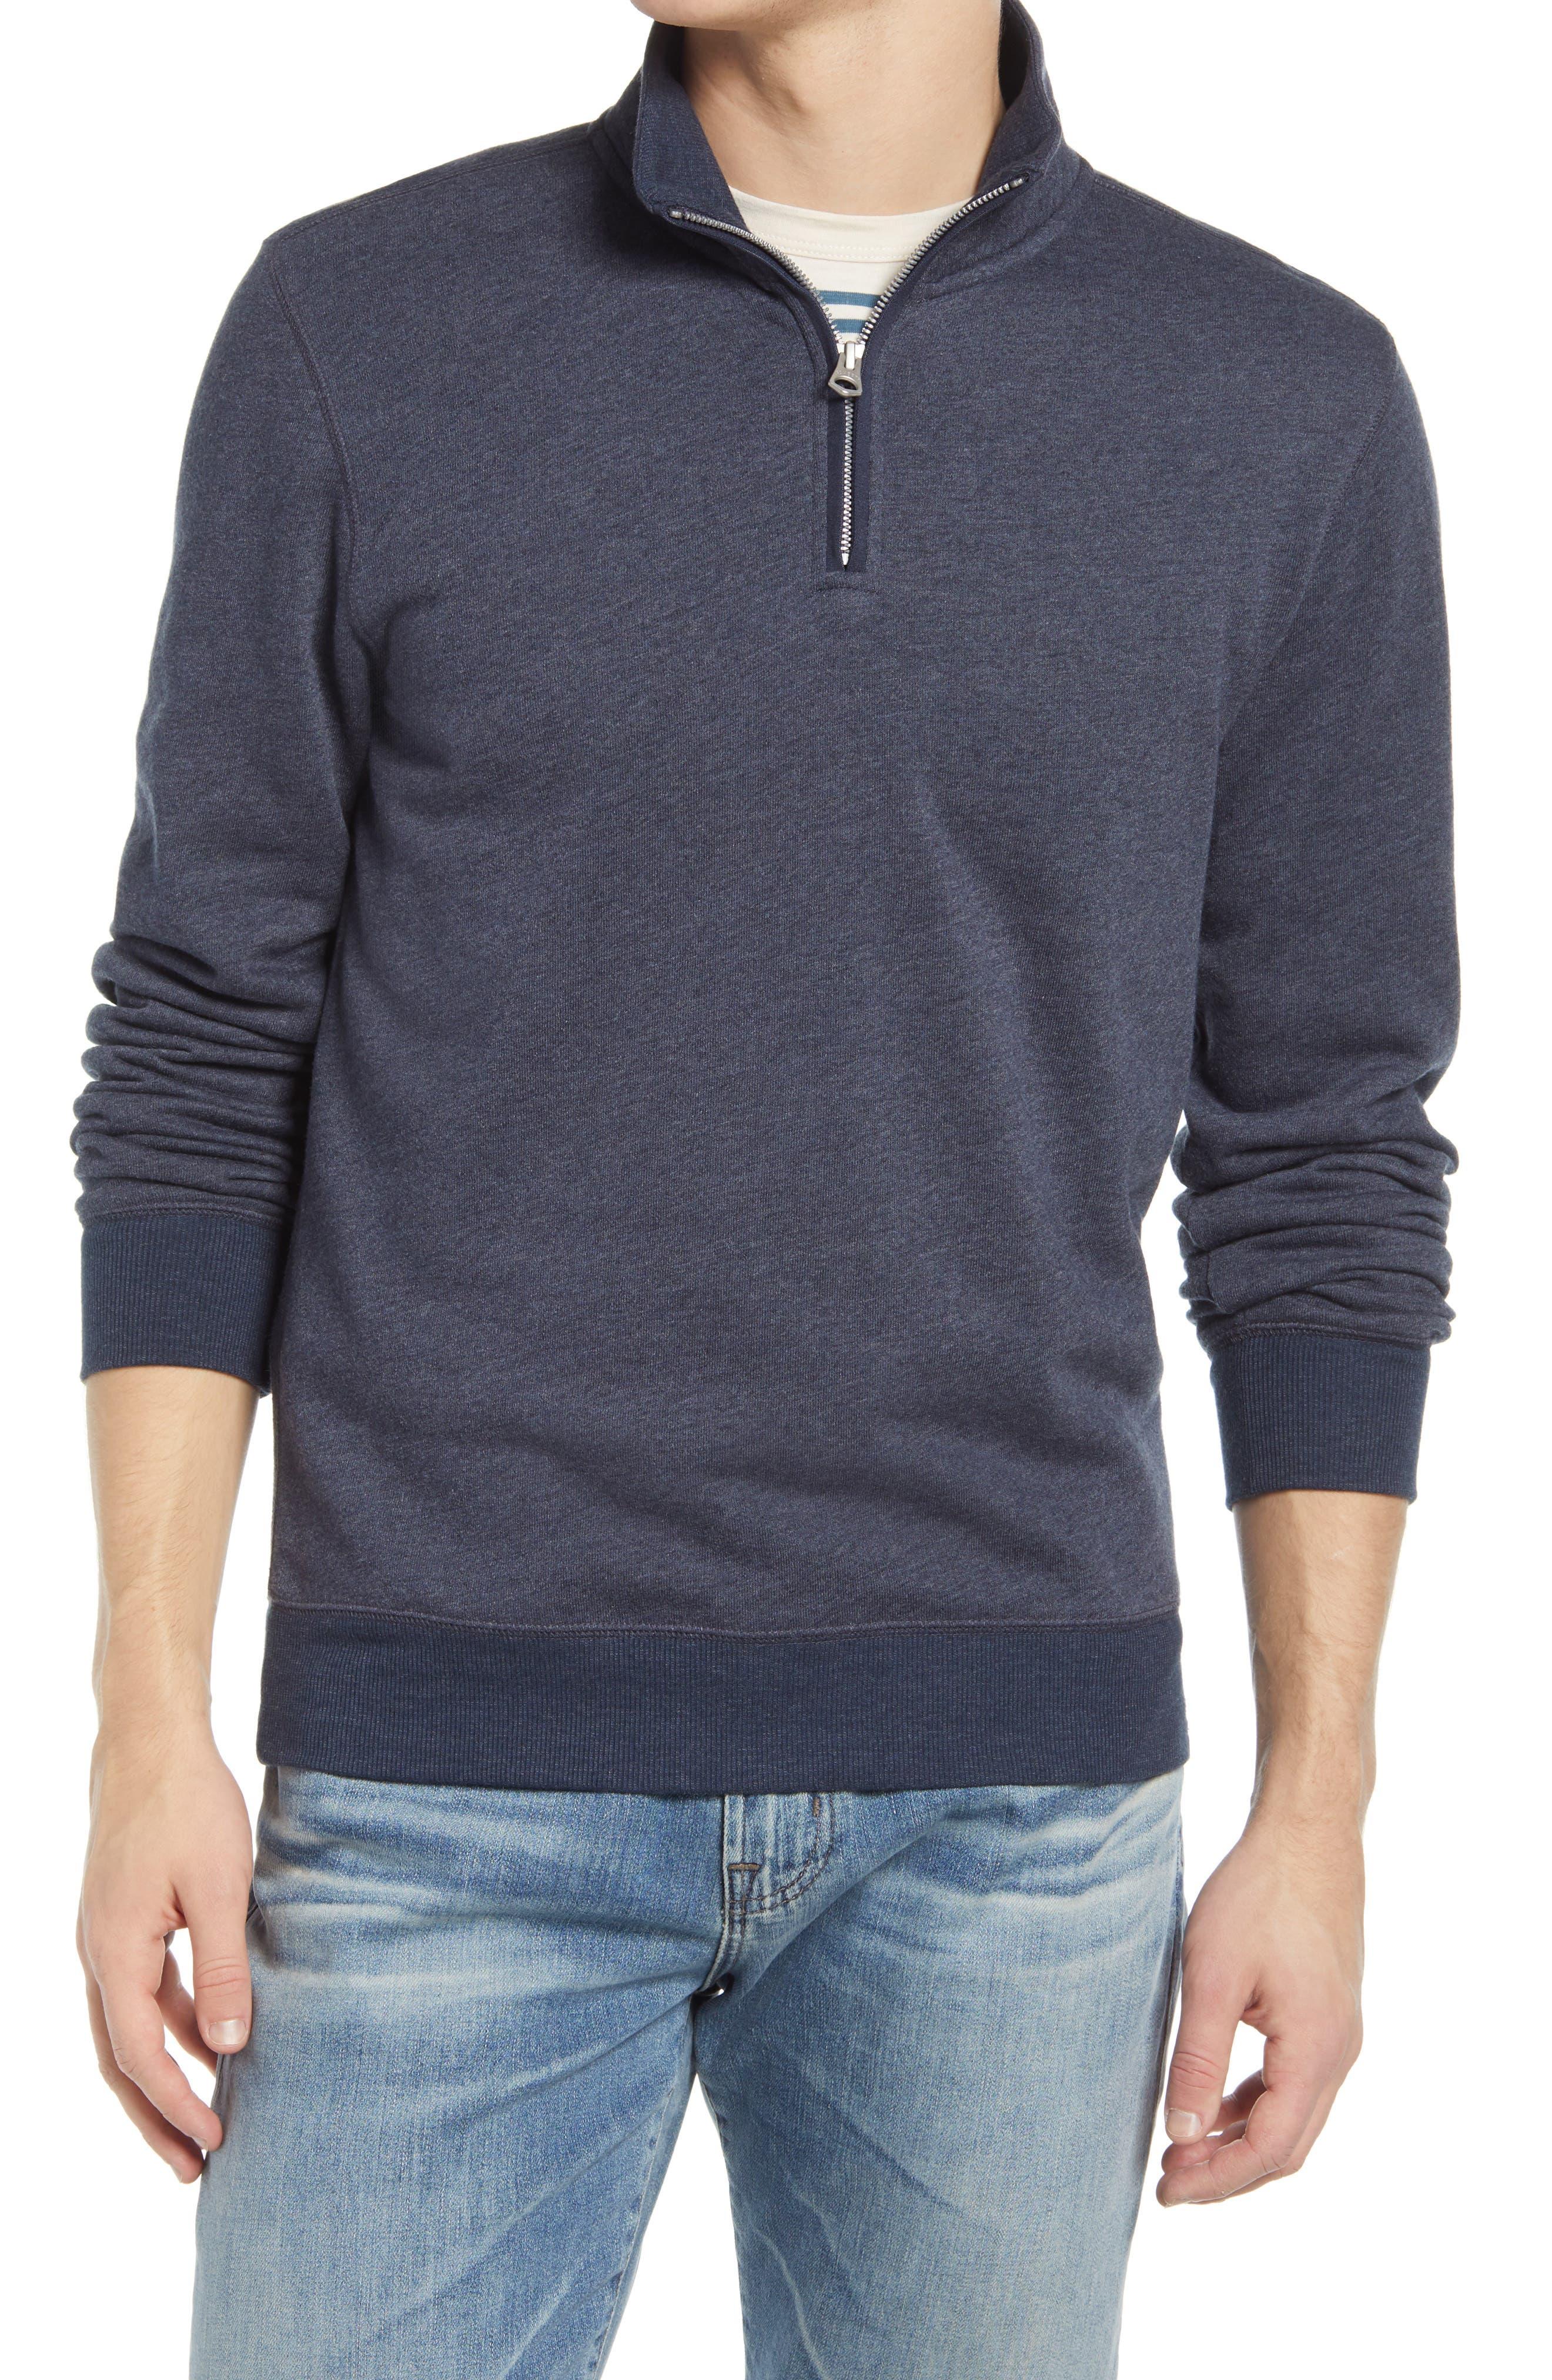 Transition Quarter Zip Pullover